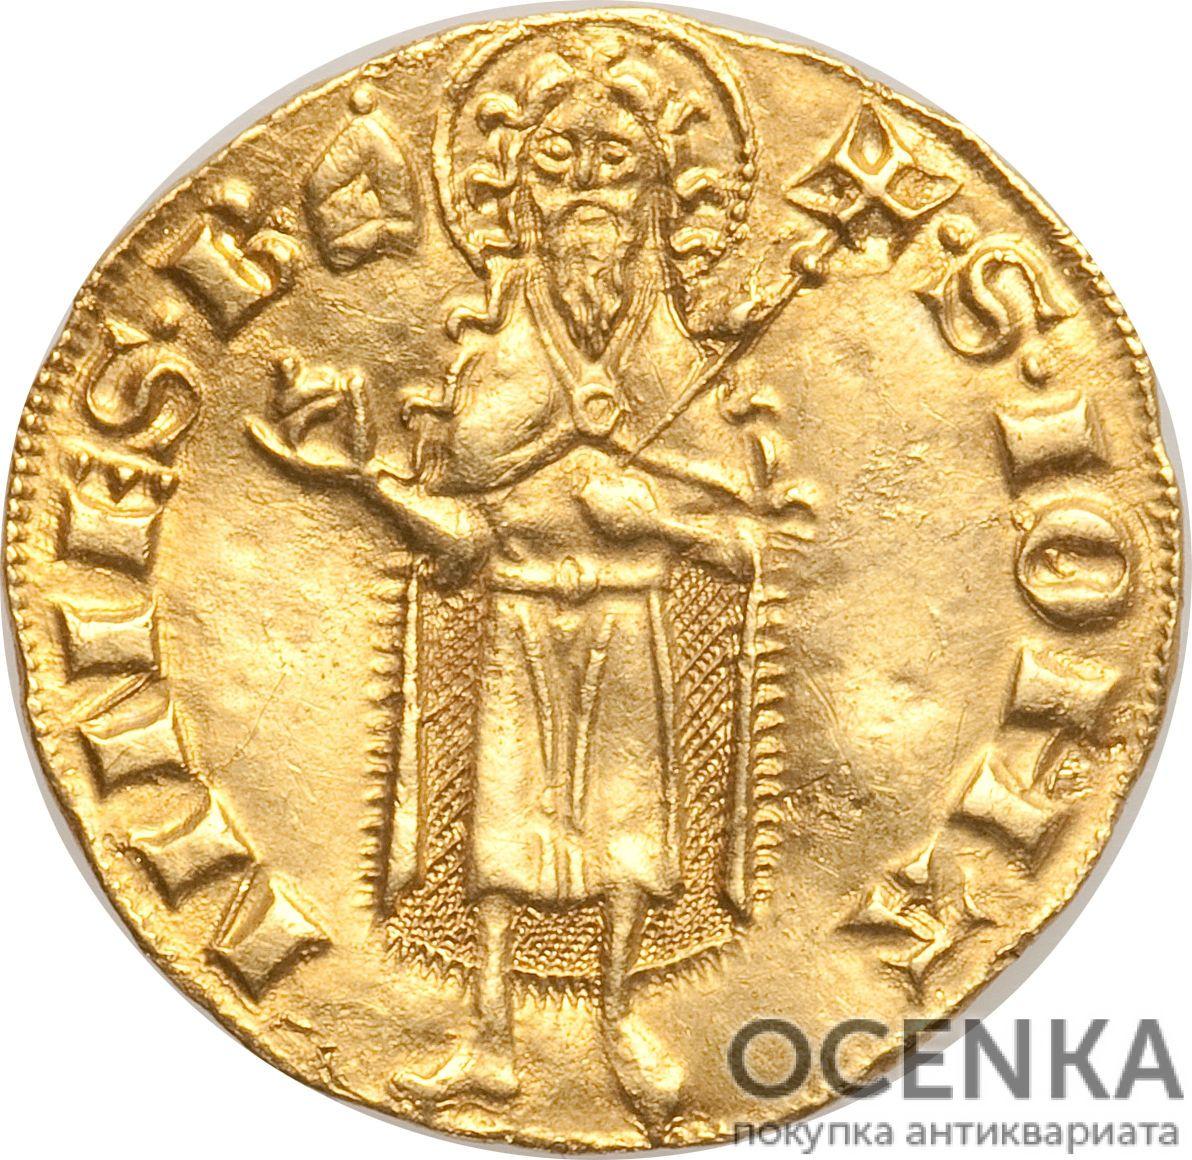 Золотая монета 1 Флорин(1 Florin) Франция - 3